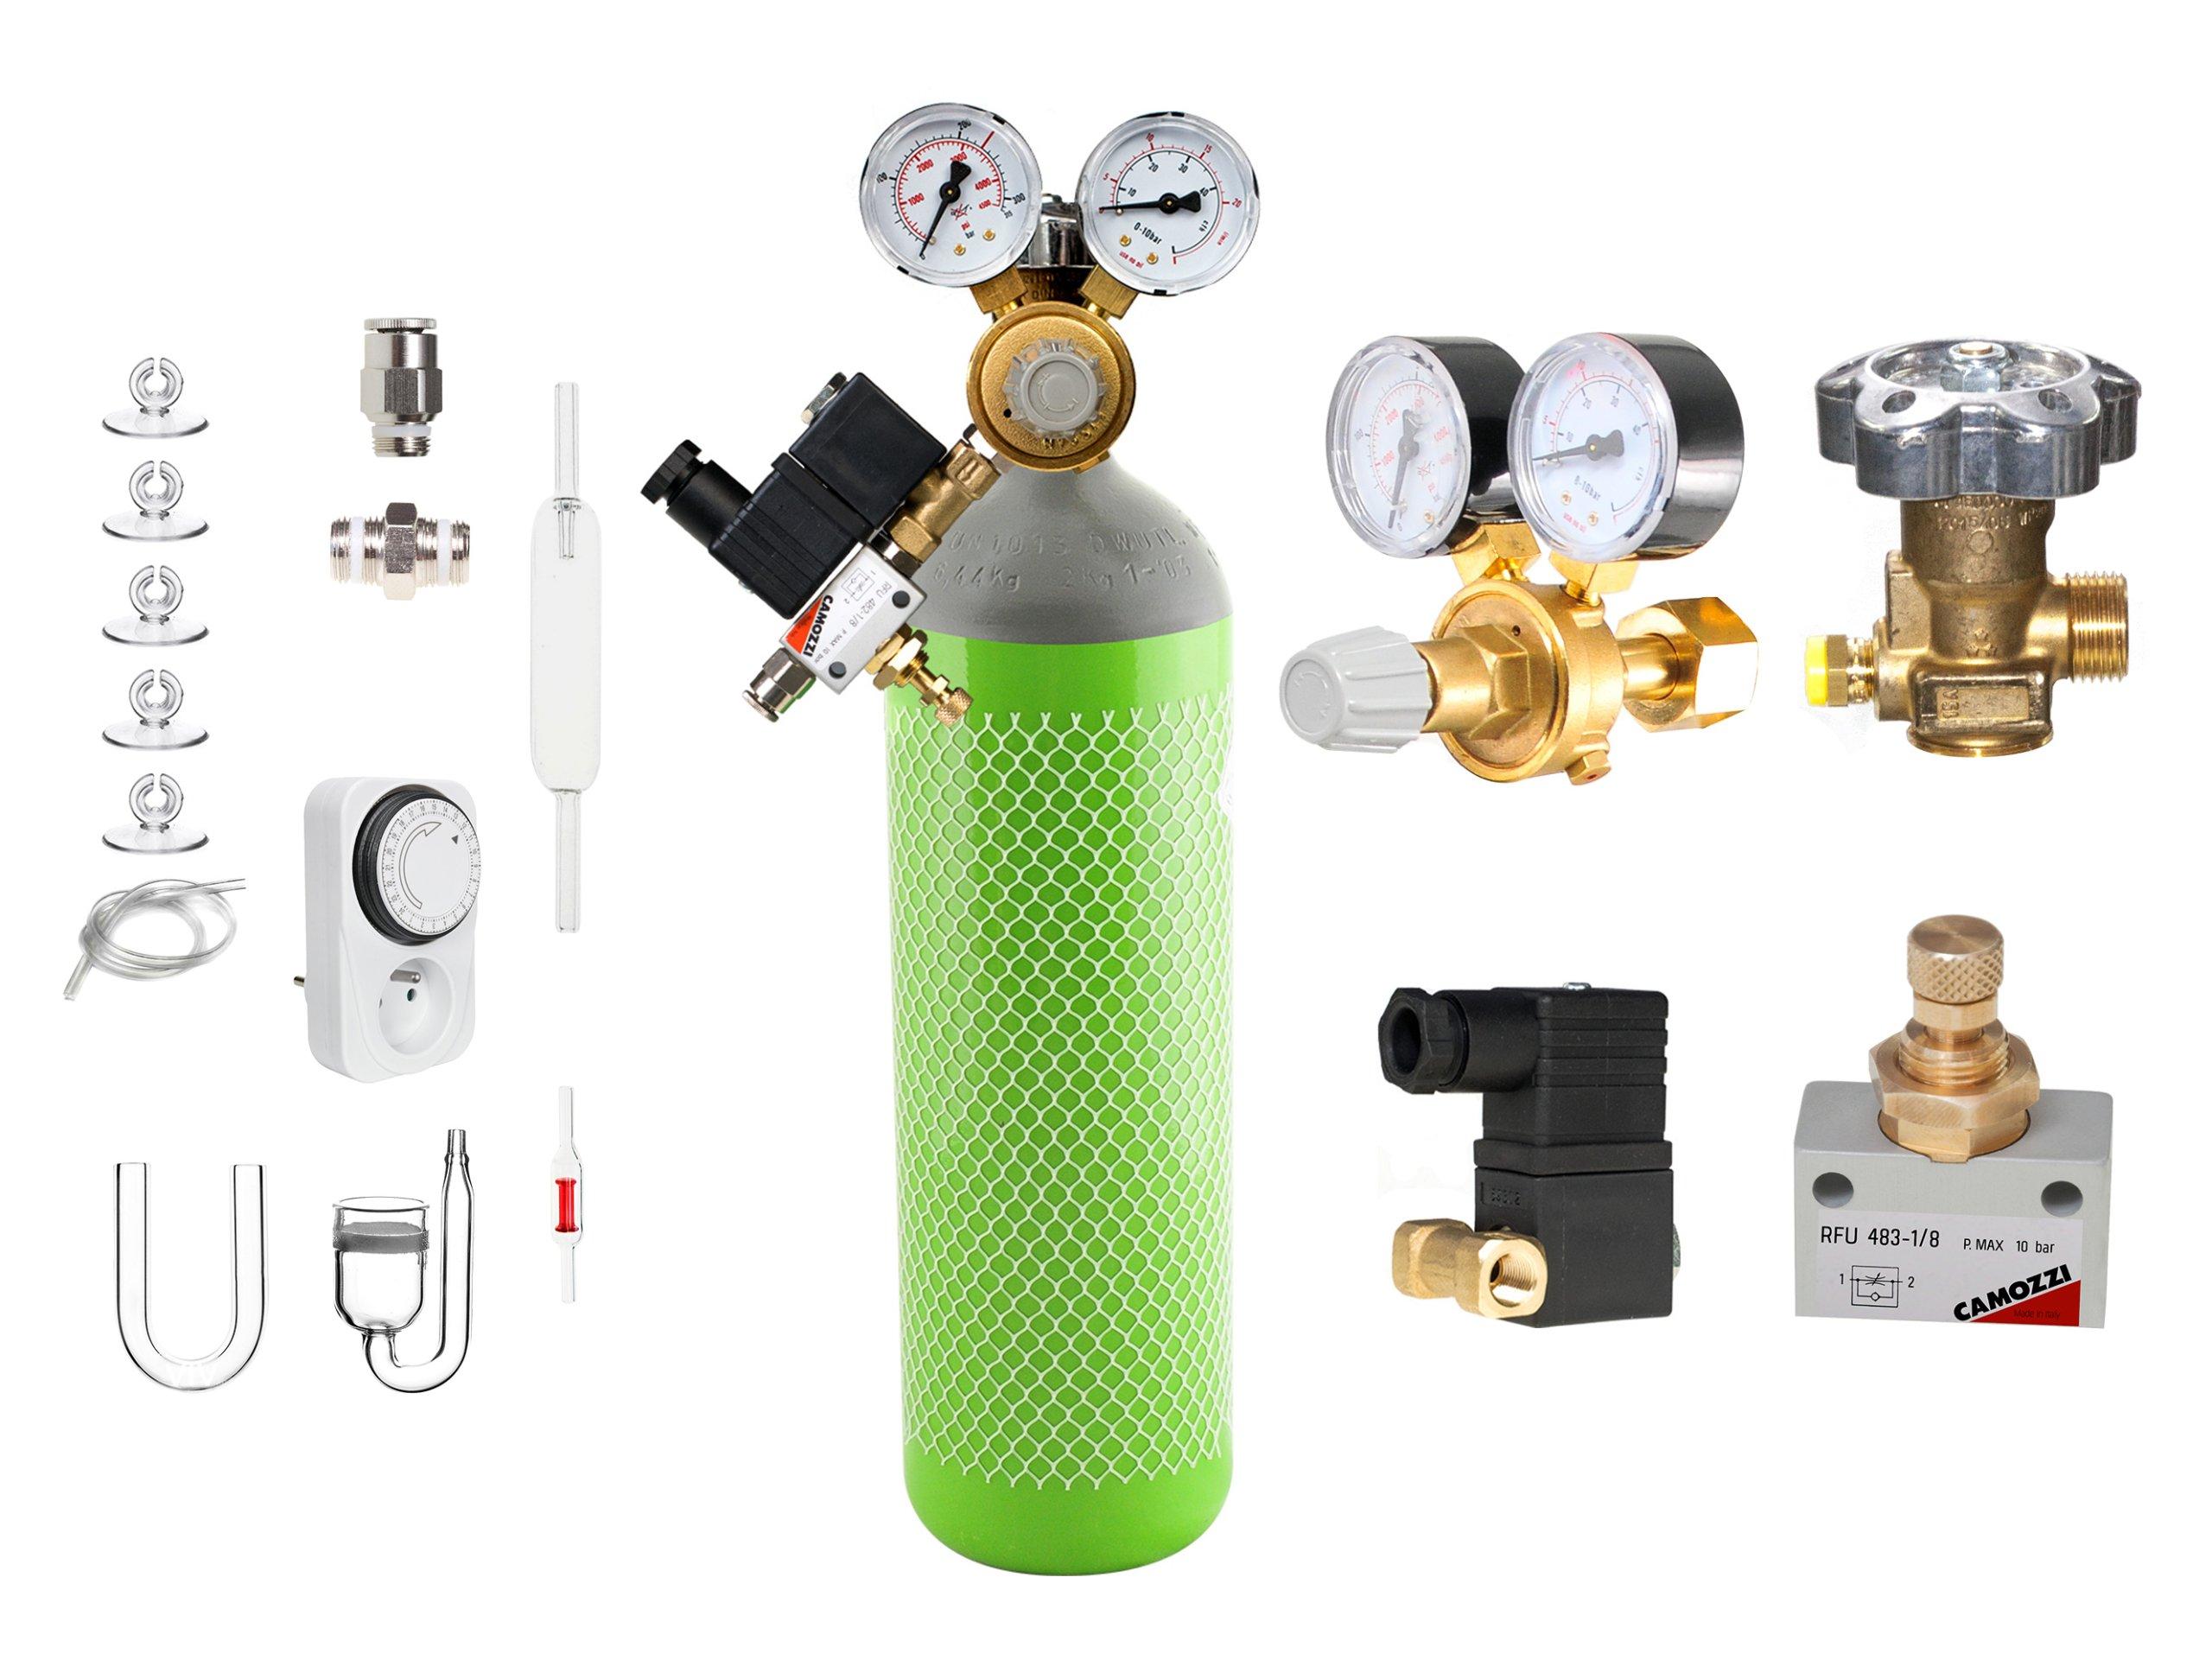 AQUA-PLANTER PASSION zestaw CO2 z butlą 1,5kg/2,1l